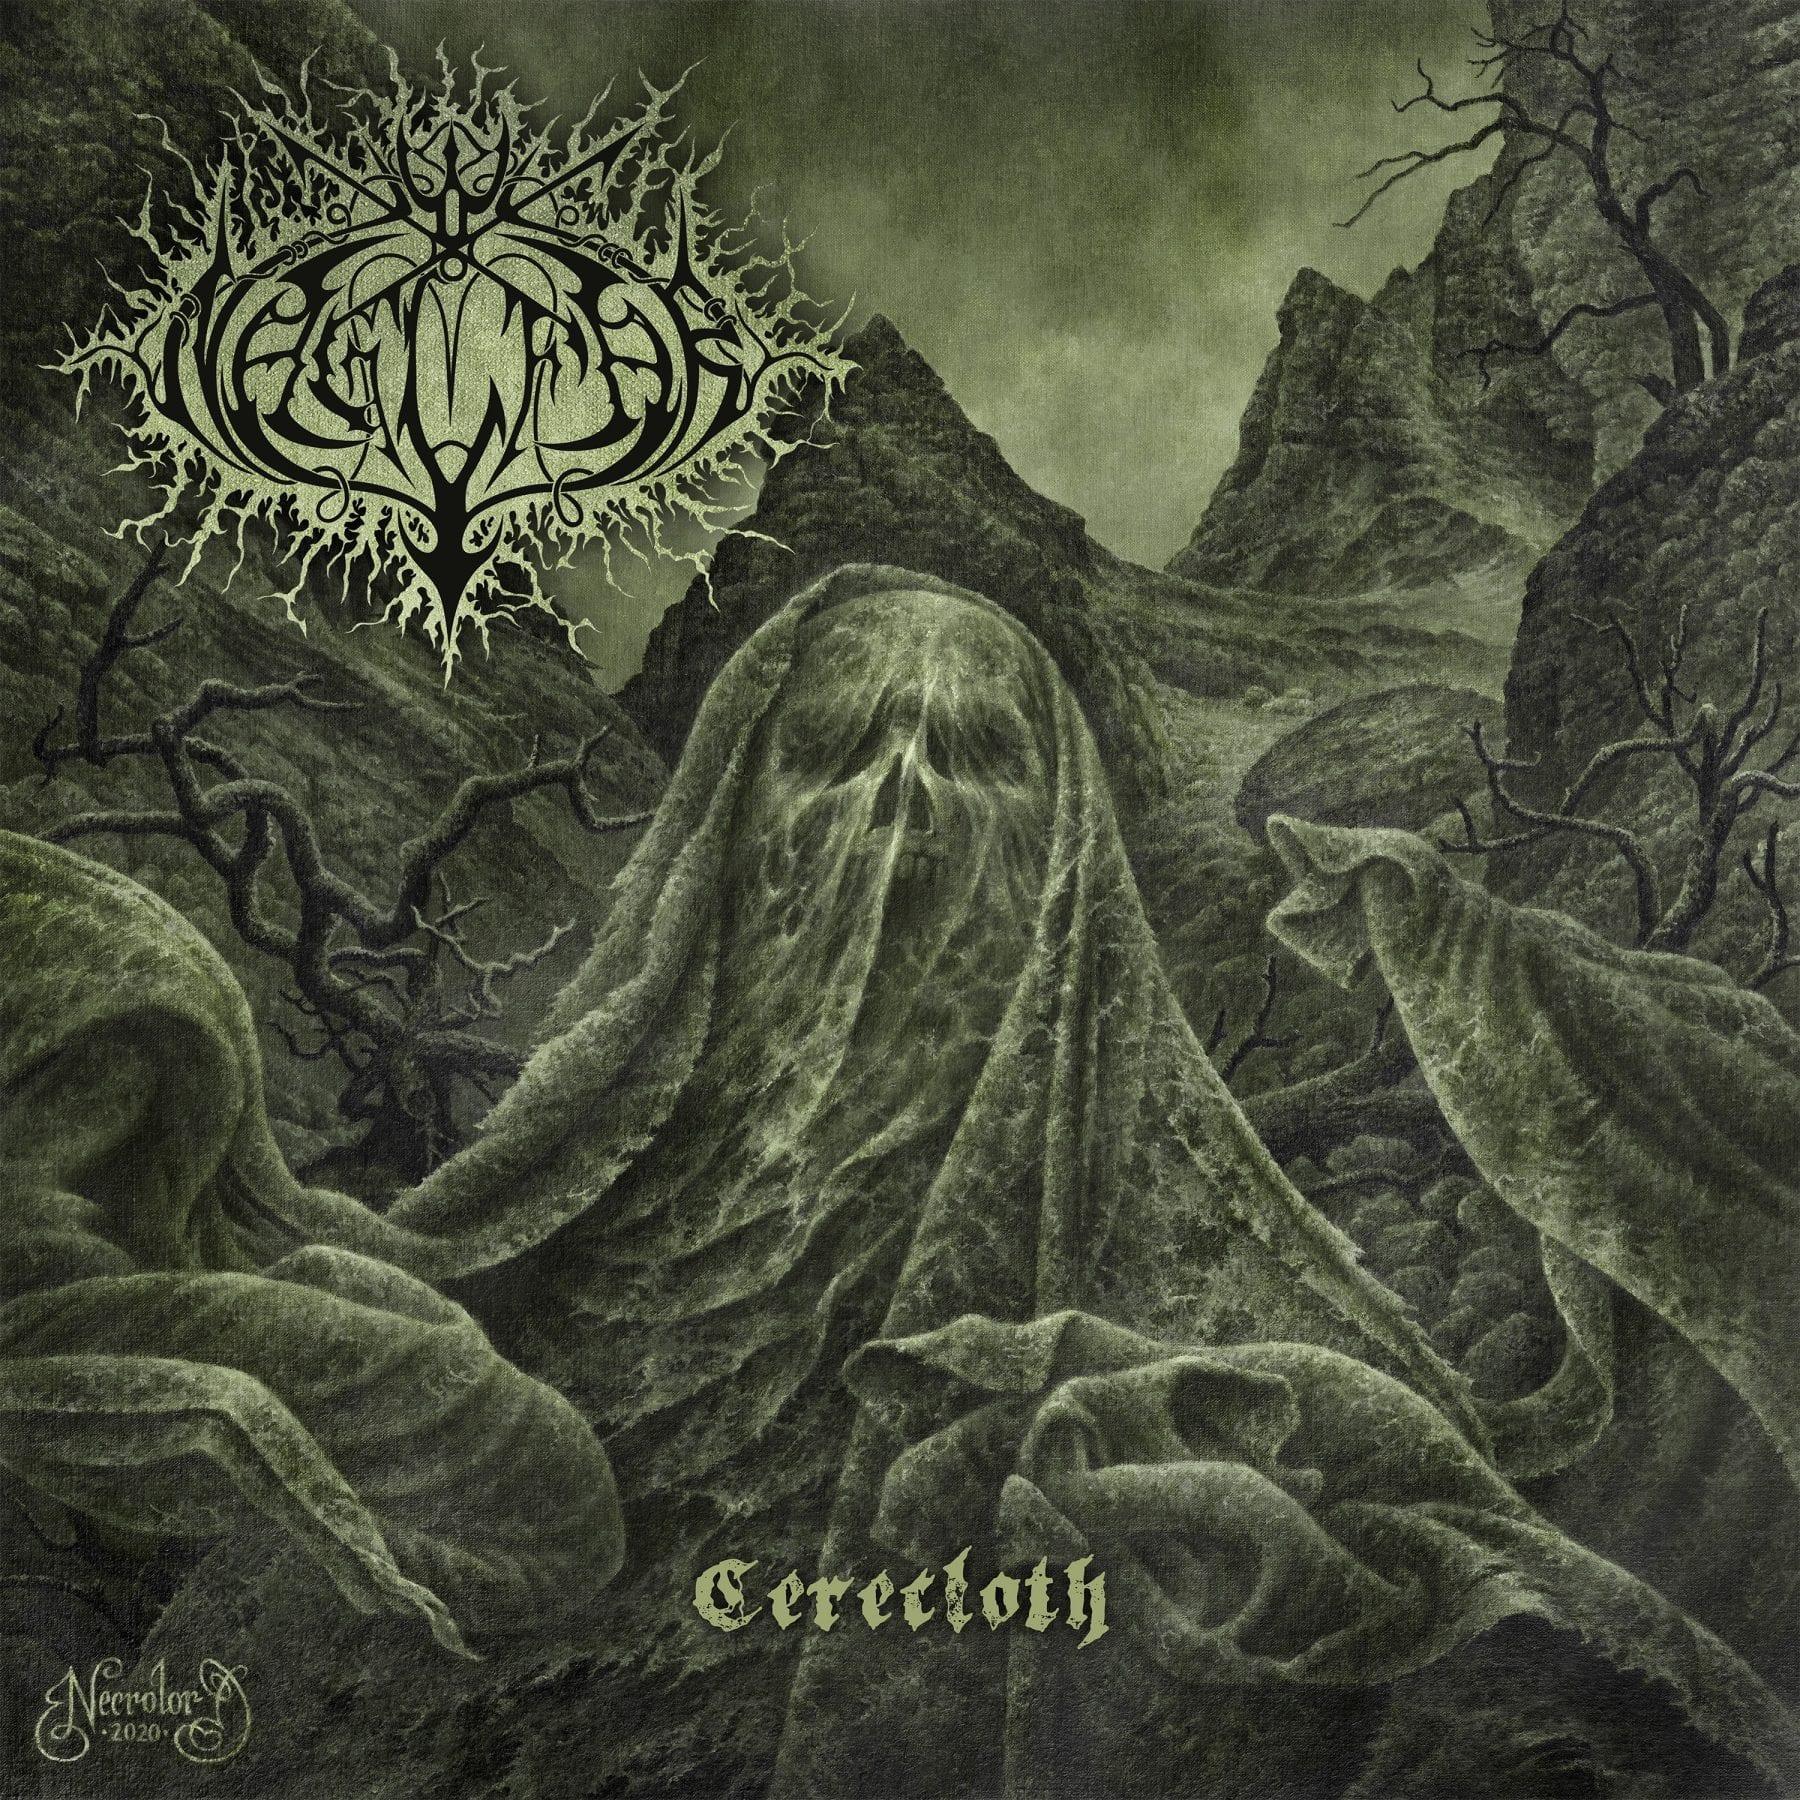 Album van de week 19: Naglfar – Cerecloth